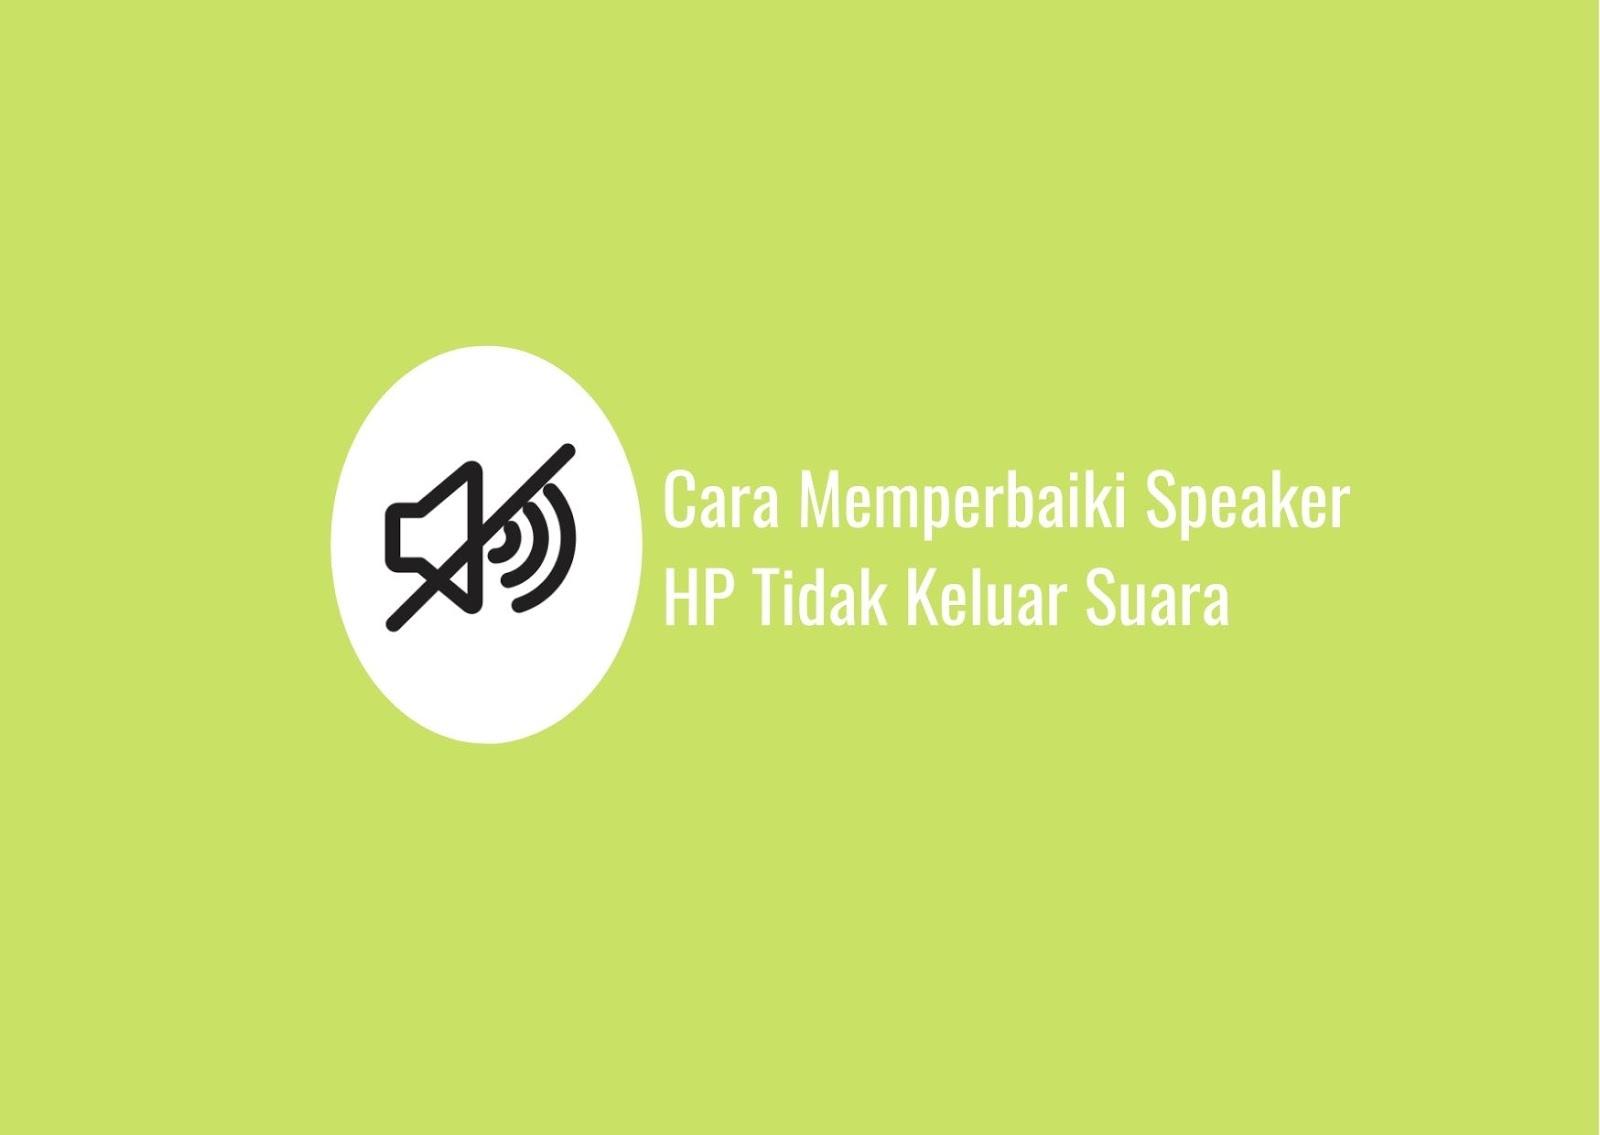 Cara Memperbaiki Speaker HP Tidak Keluar Suara Dering